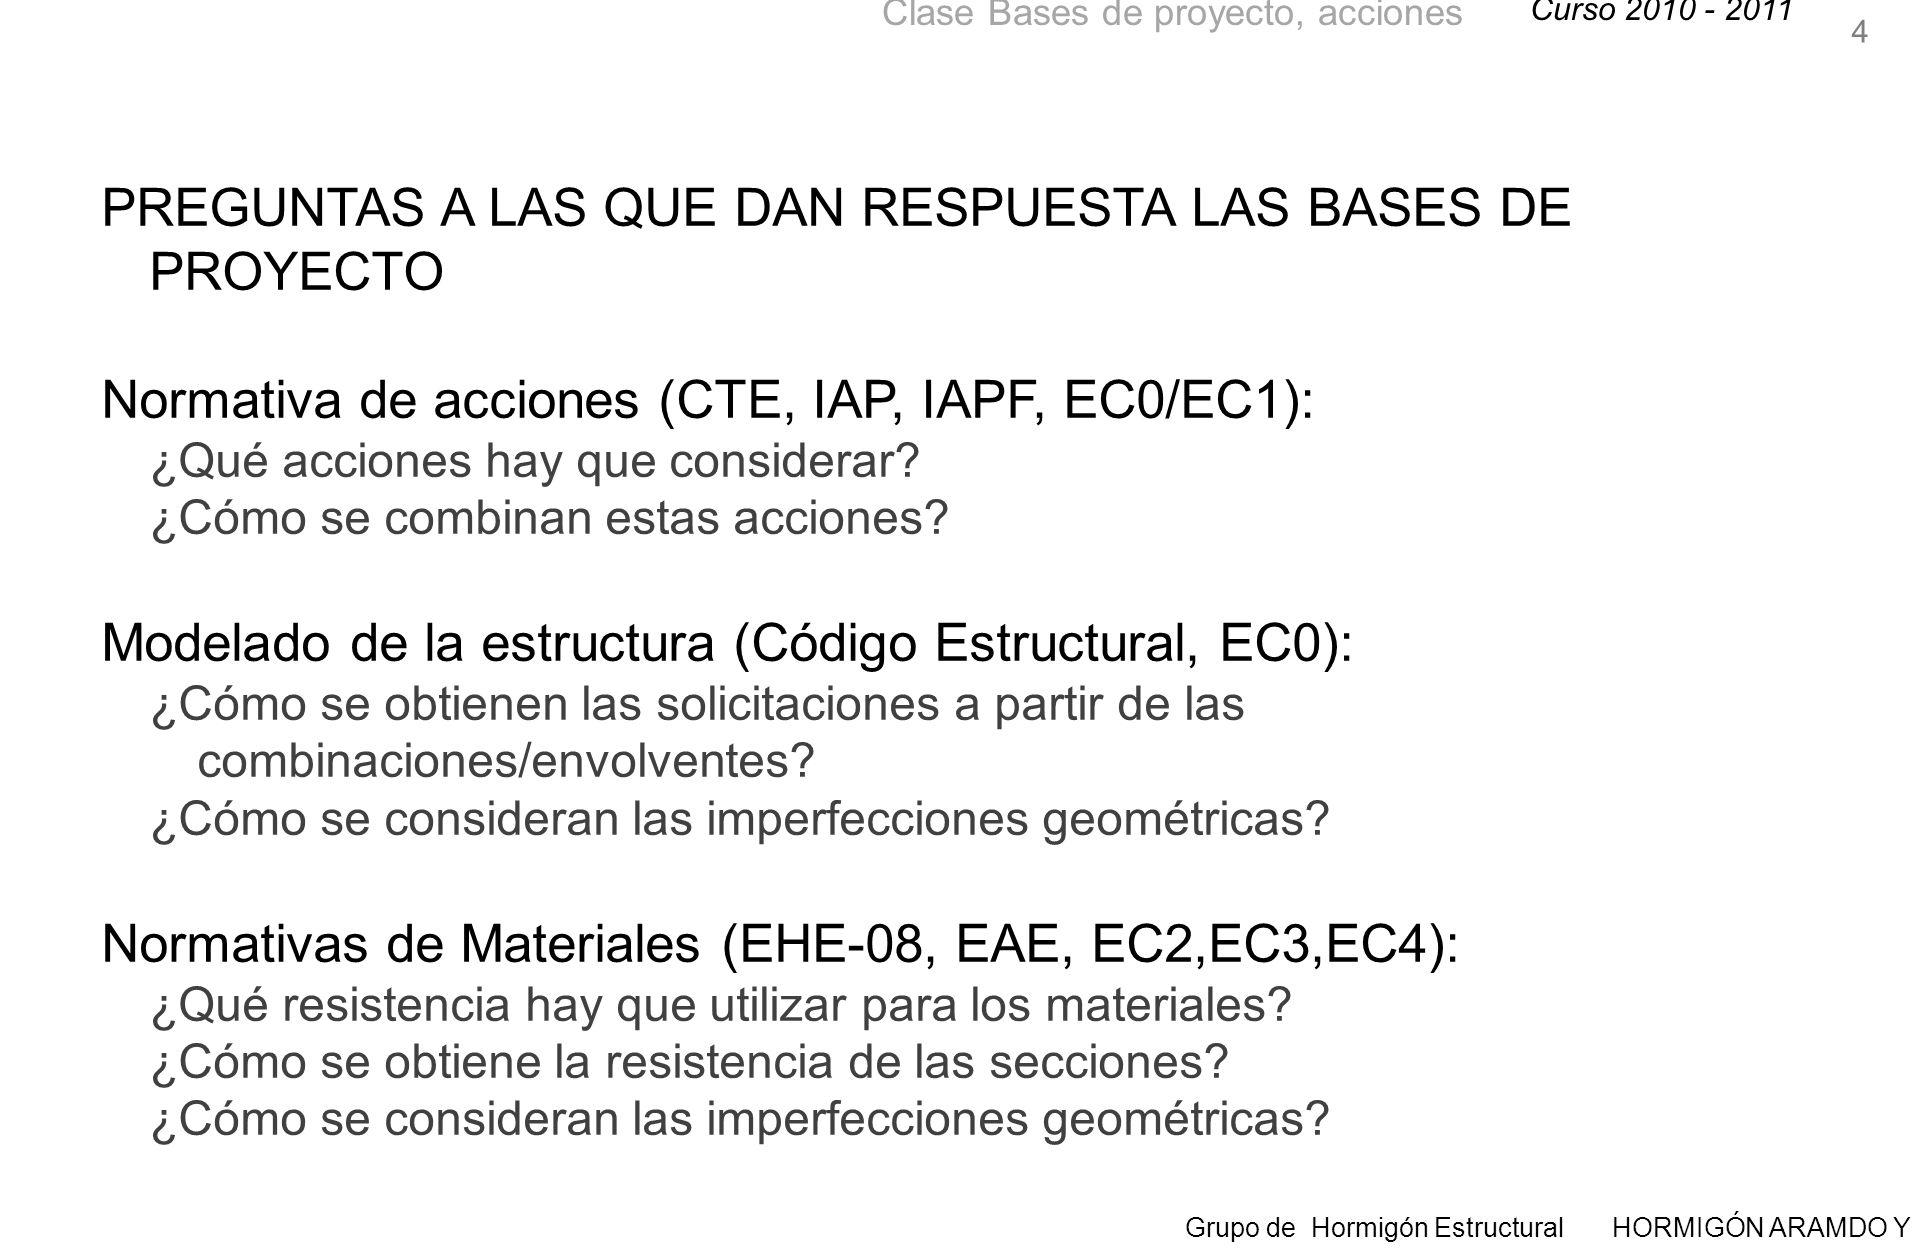 Curso 2010 - 2011 Grupo de Hormigón Estructural HORMIGÓN ARAMDO Y PRETENSADO II Clase Bases de proyecto, acciones 35 2.